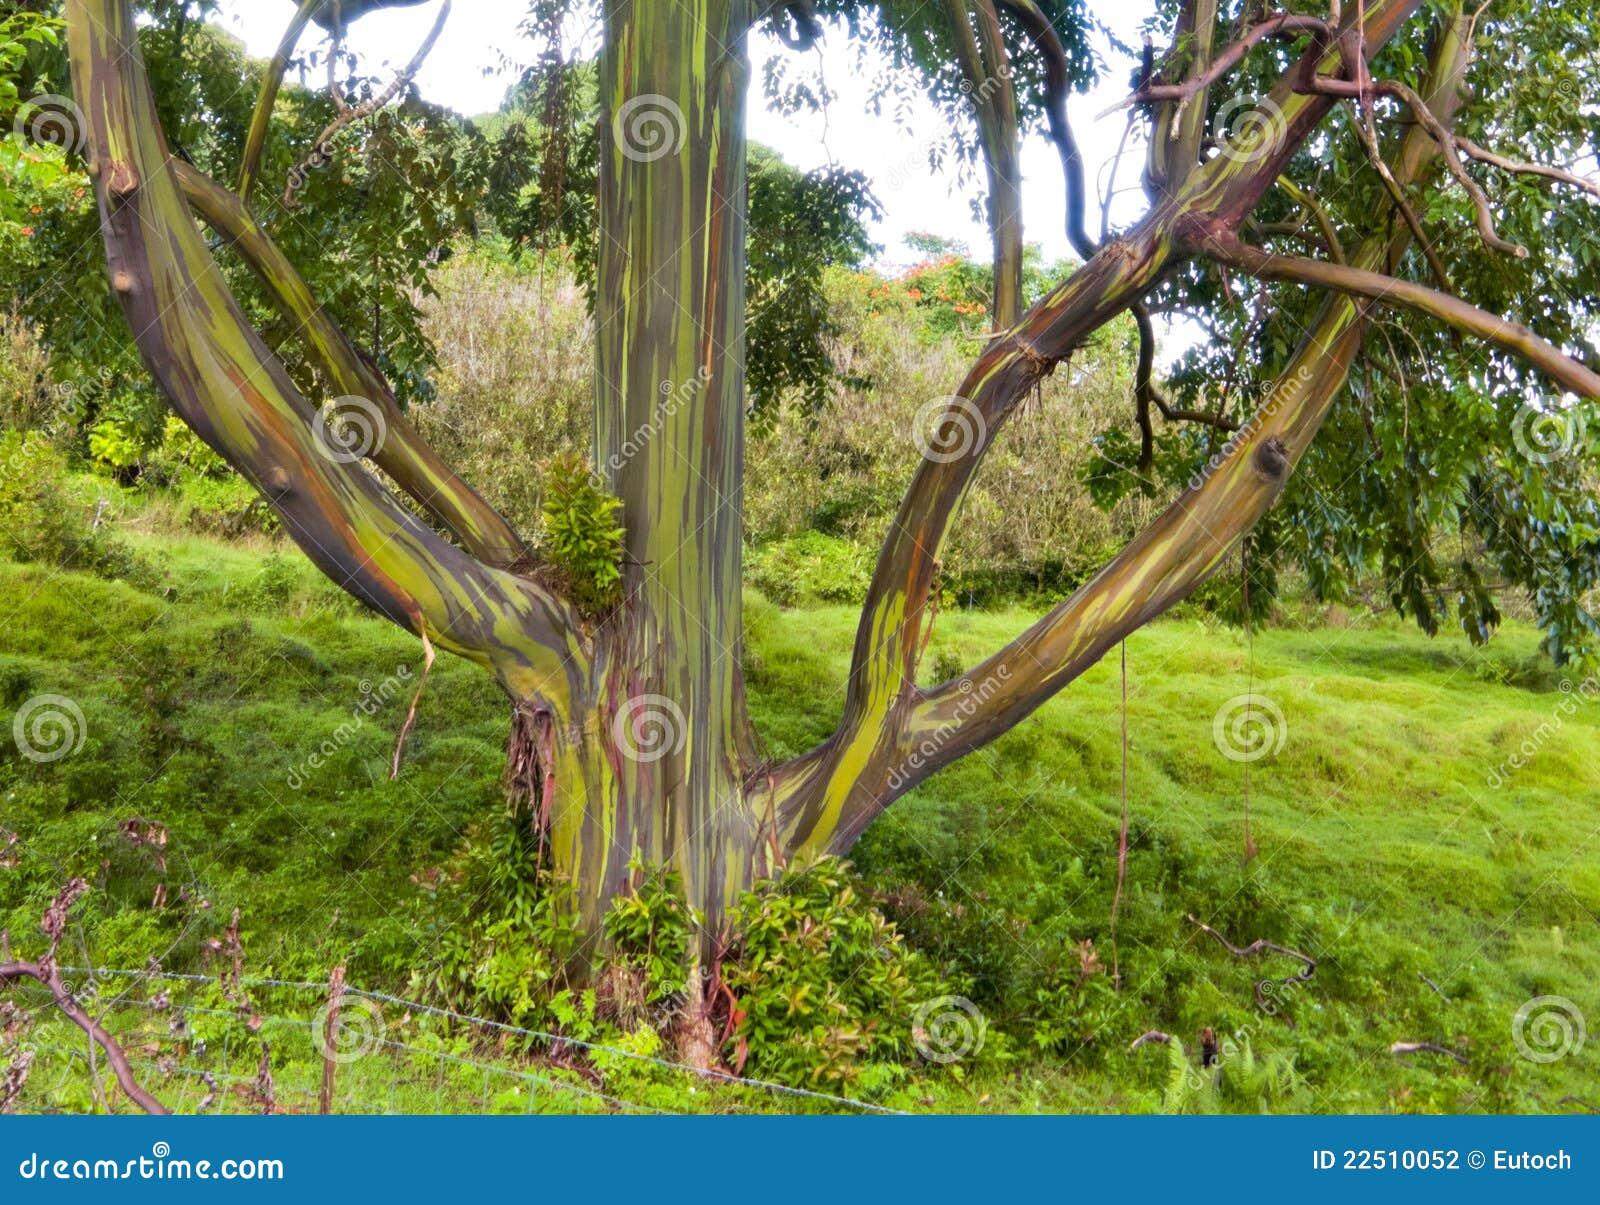 couleurs d arbre d arc en ciel maui hi - Arbre Ciel